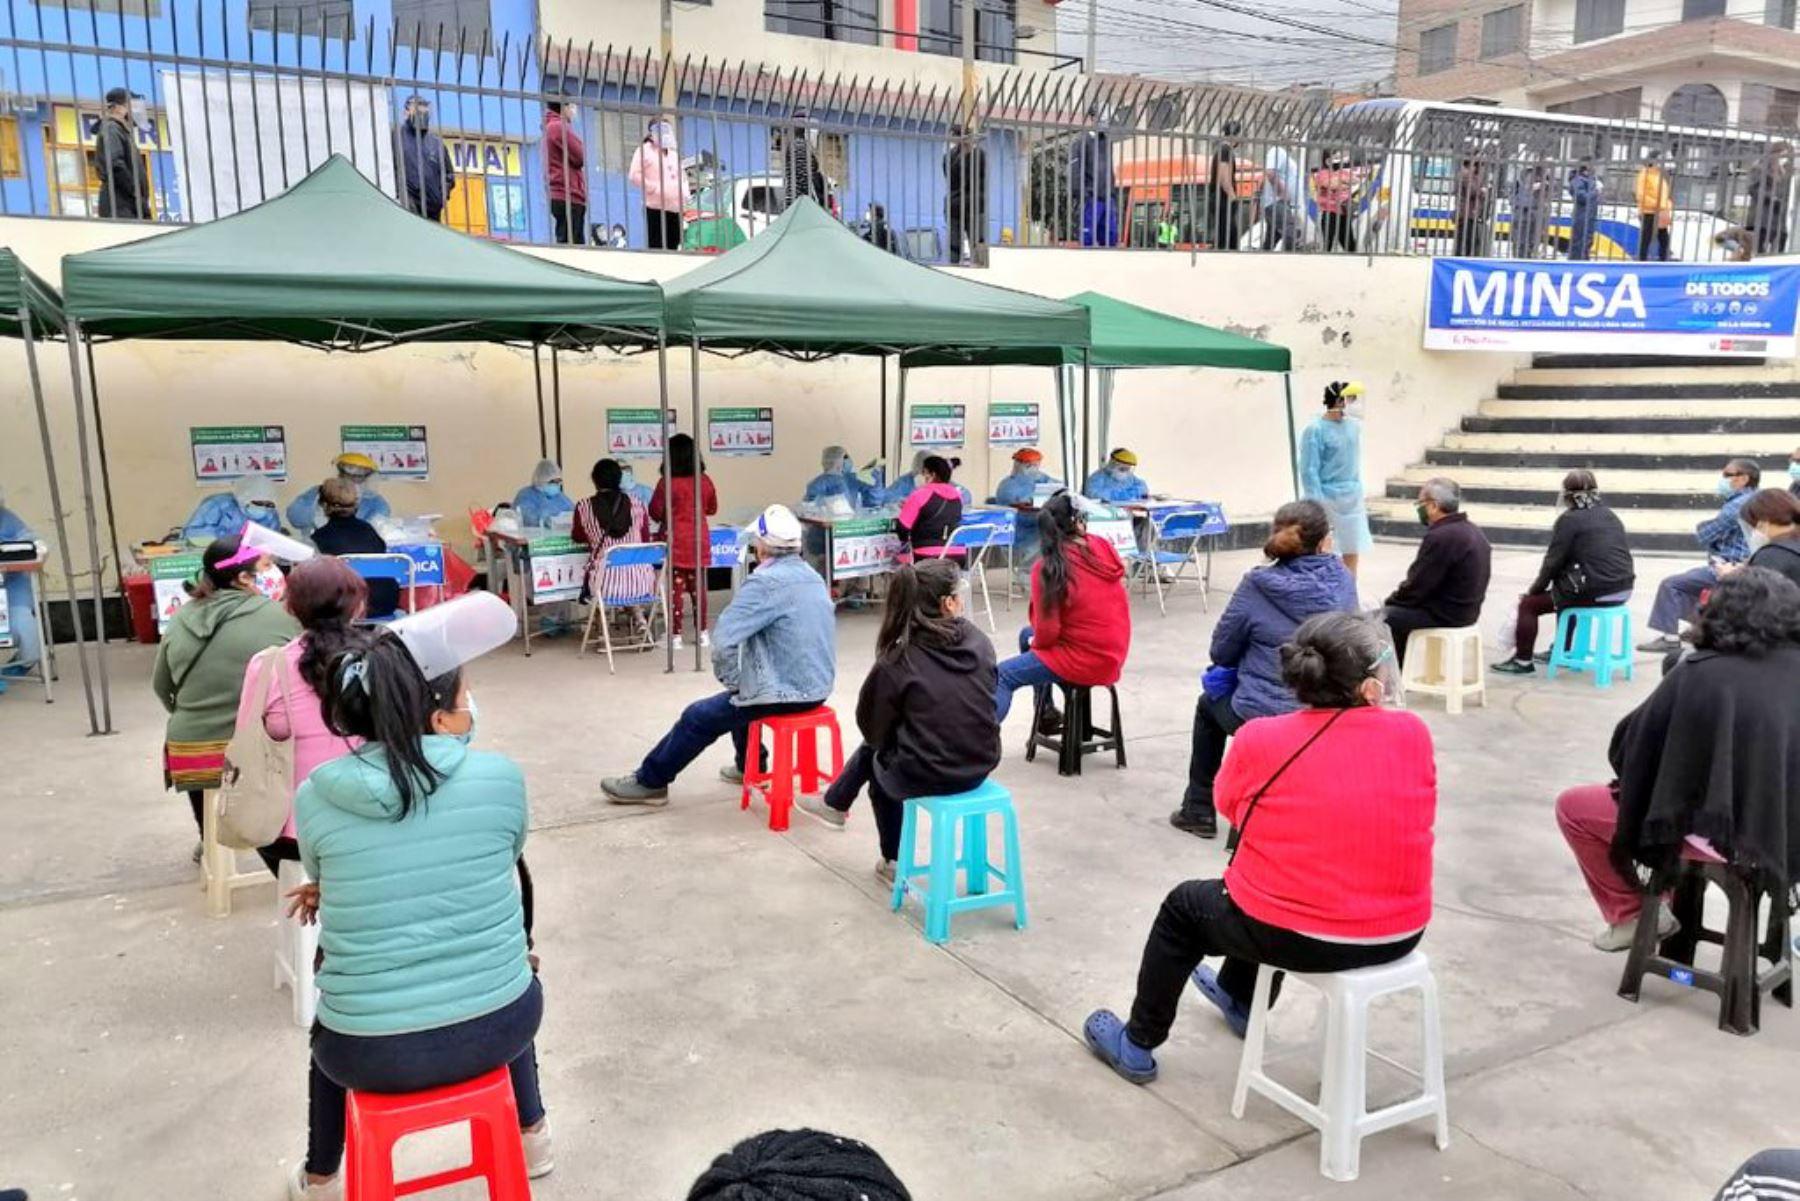 Brigadas del Minsa brindan atención médica y diagnóstico de covid-19 a familias de la zona de Tahuantinsuyo Alto en el distrito de Independencia. Niños y adultos reciben vacunación, descarte de anemia, evaluación visual y odontológica, entre otros. Foto: Minsa